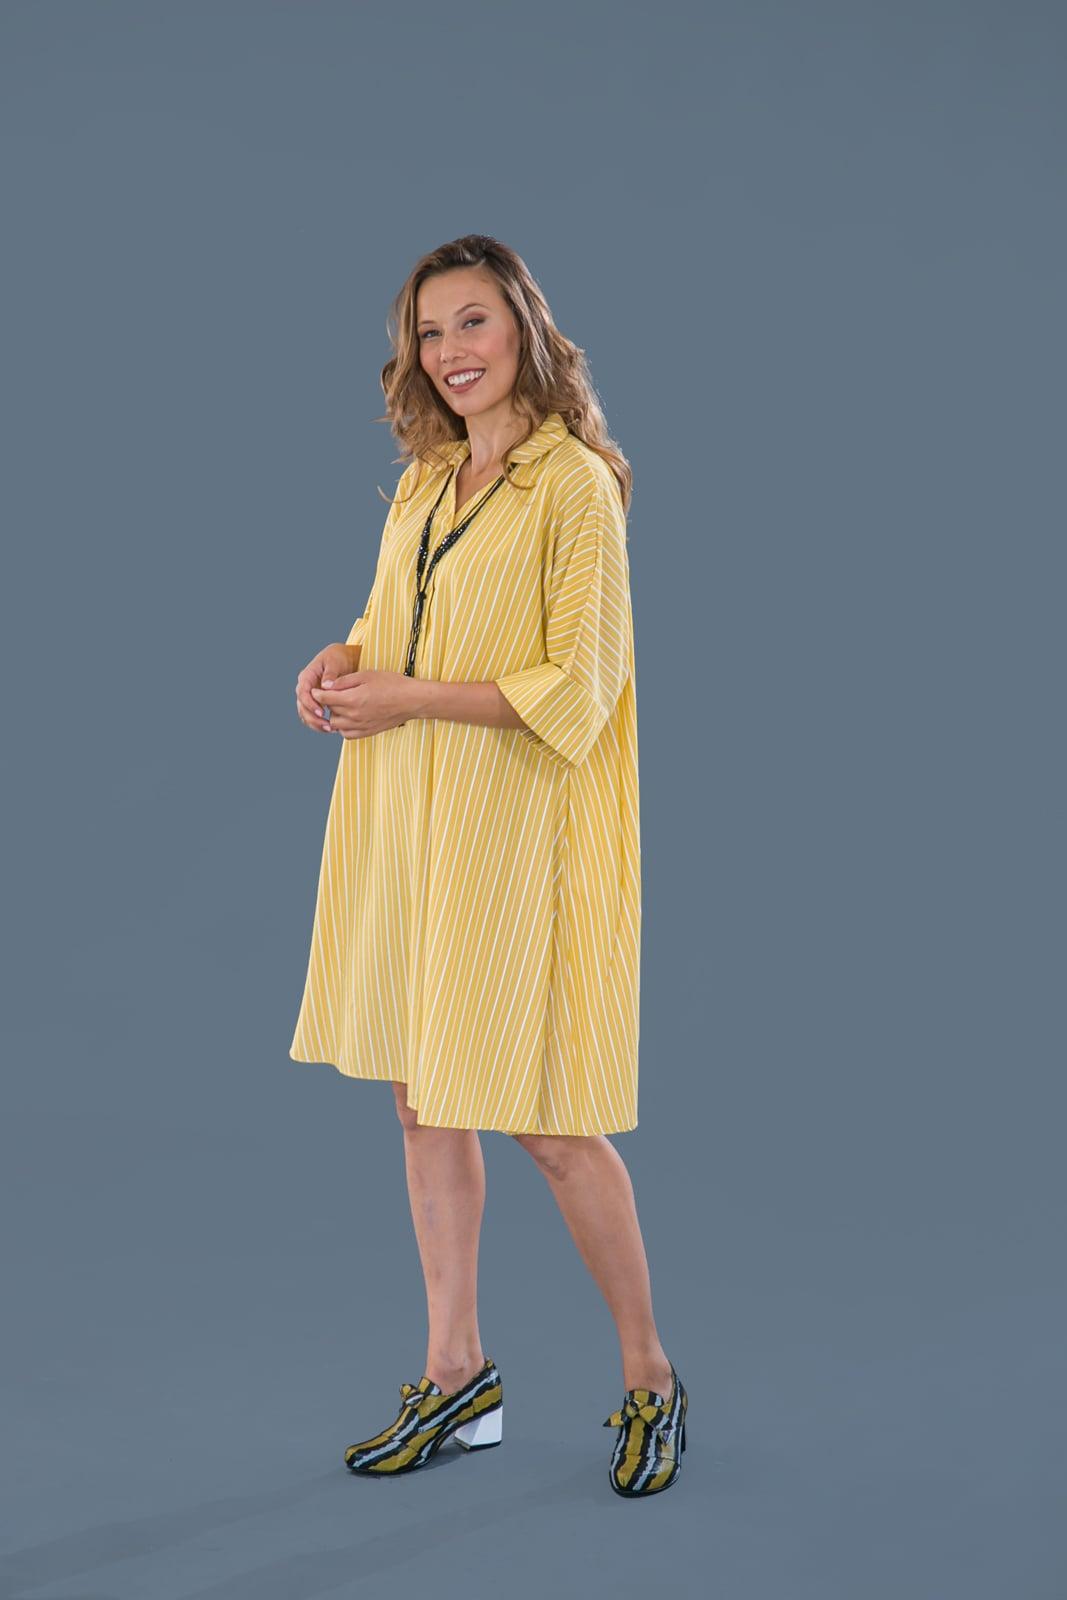 שמלת קימונו צהובה עם פסים.